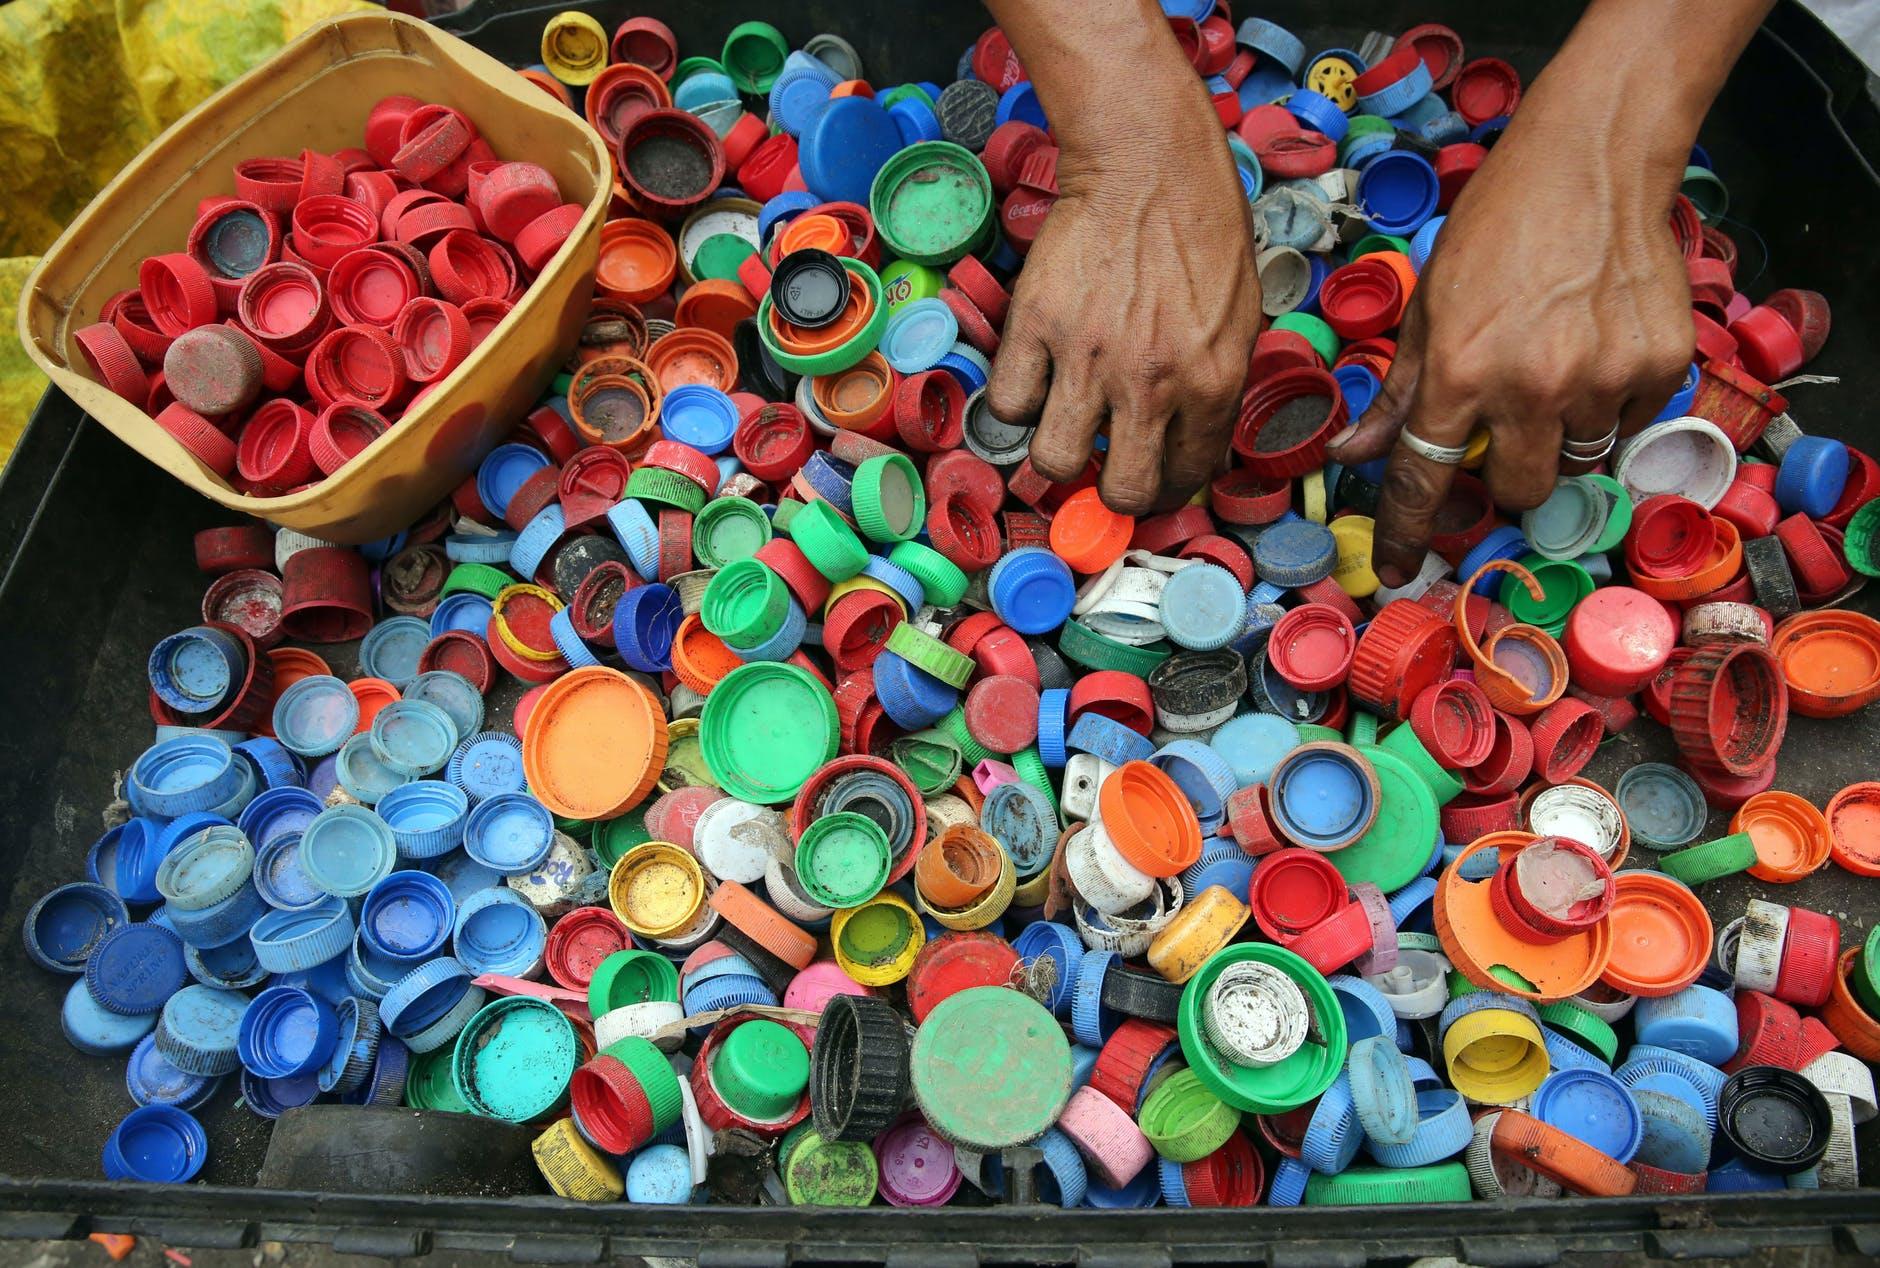 Hands reach into a bin full of soda bottle caps.